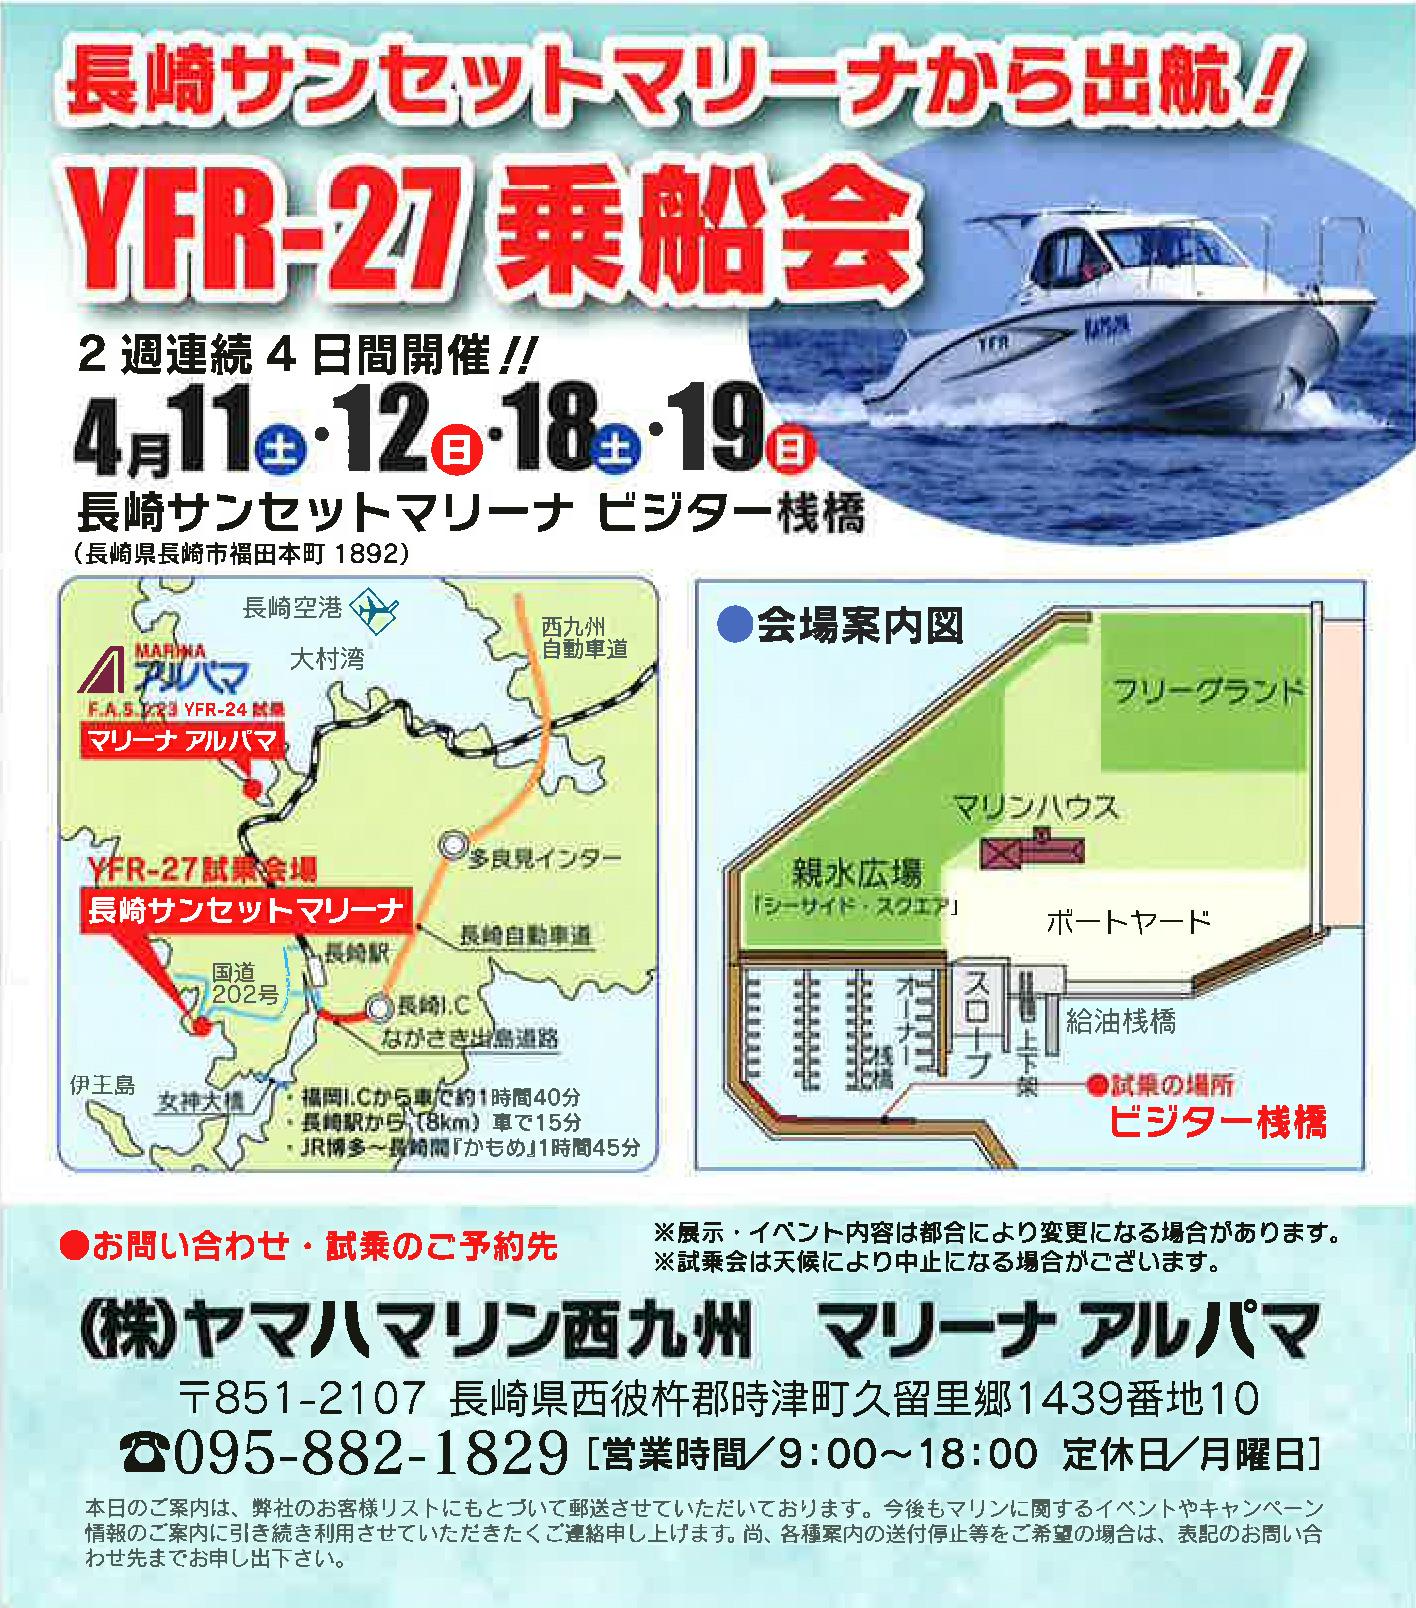 長崎サンセットマリーナから出航!YFR-27乗船会